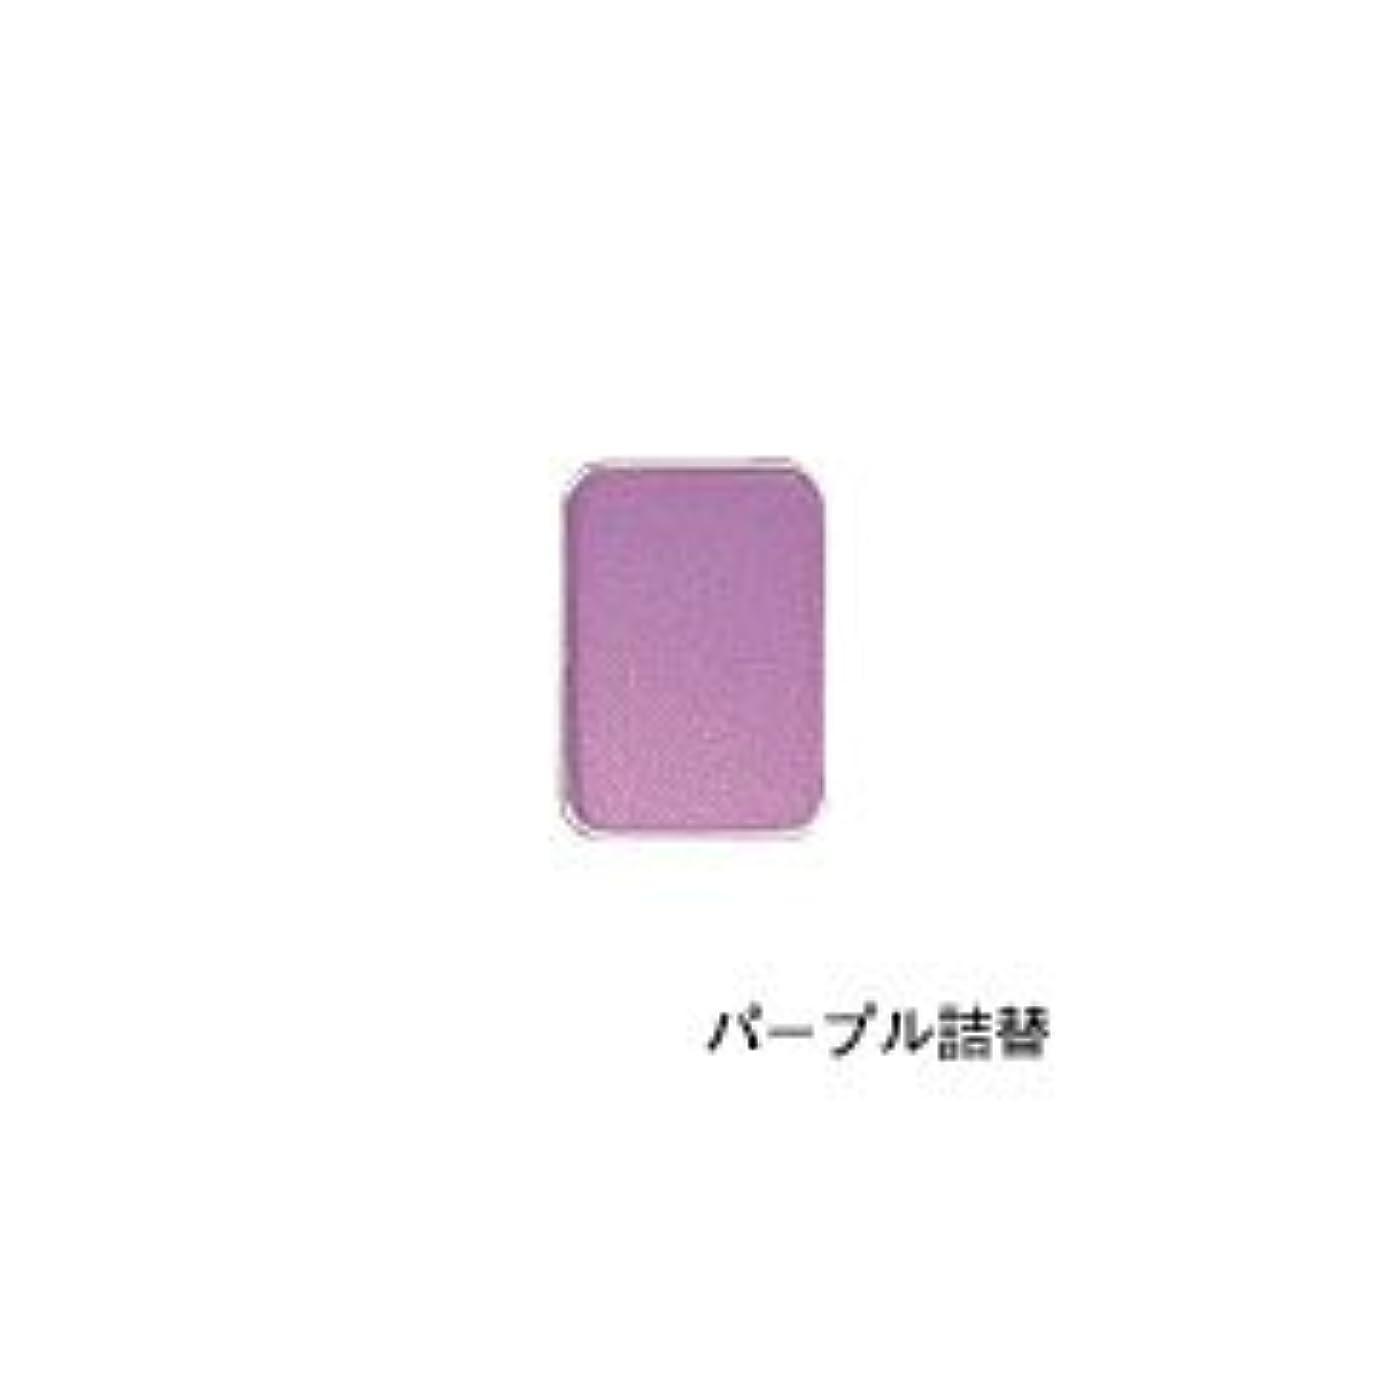 ピアノ示す普遍的なリマナチュラル ピュアアイカラー 詰替用 パープル×2個       JAN:4514991230446